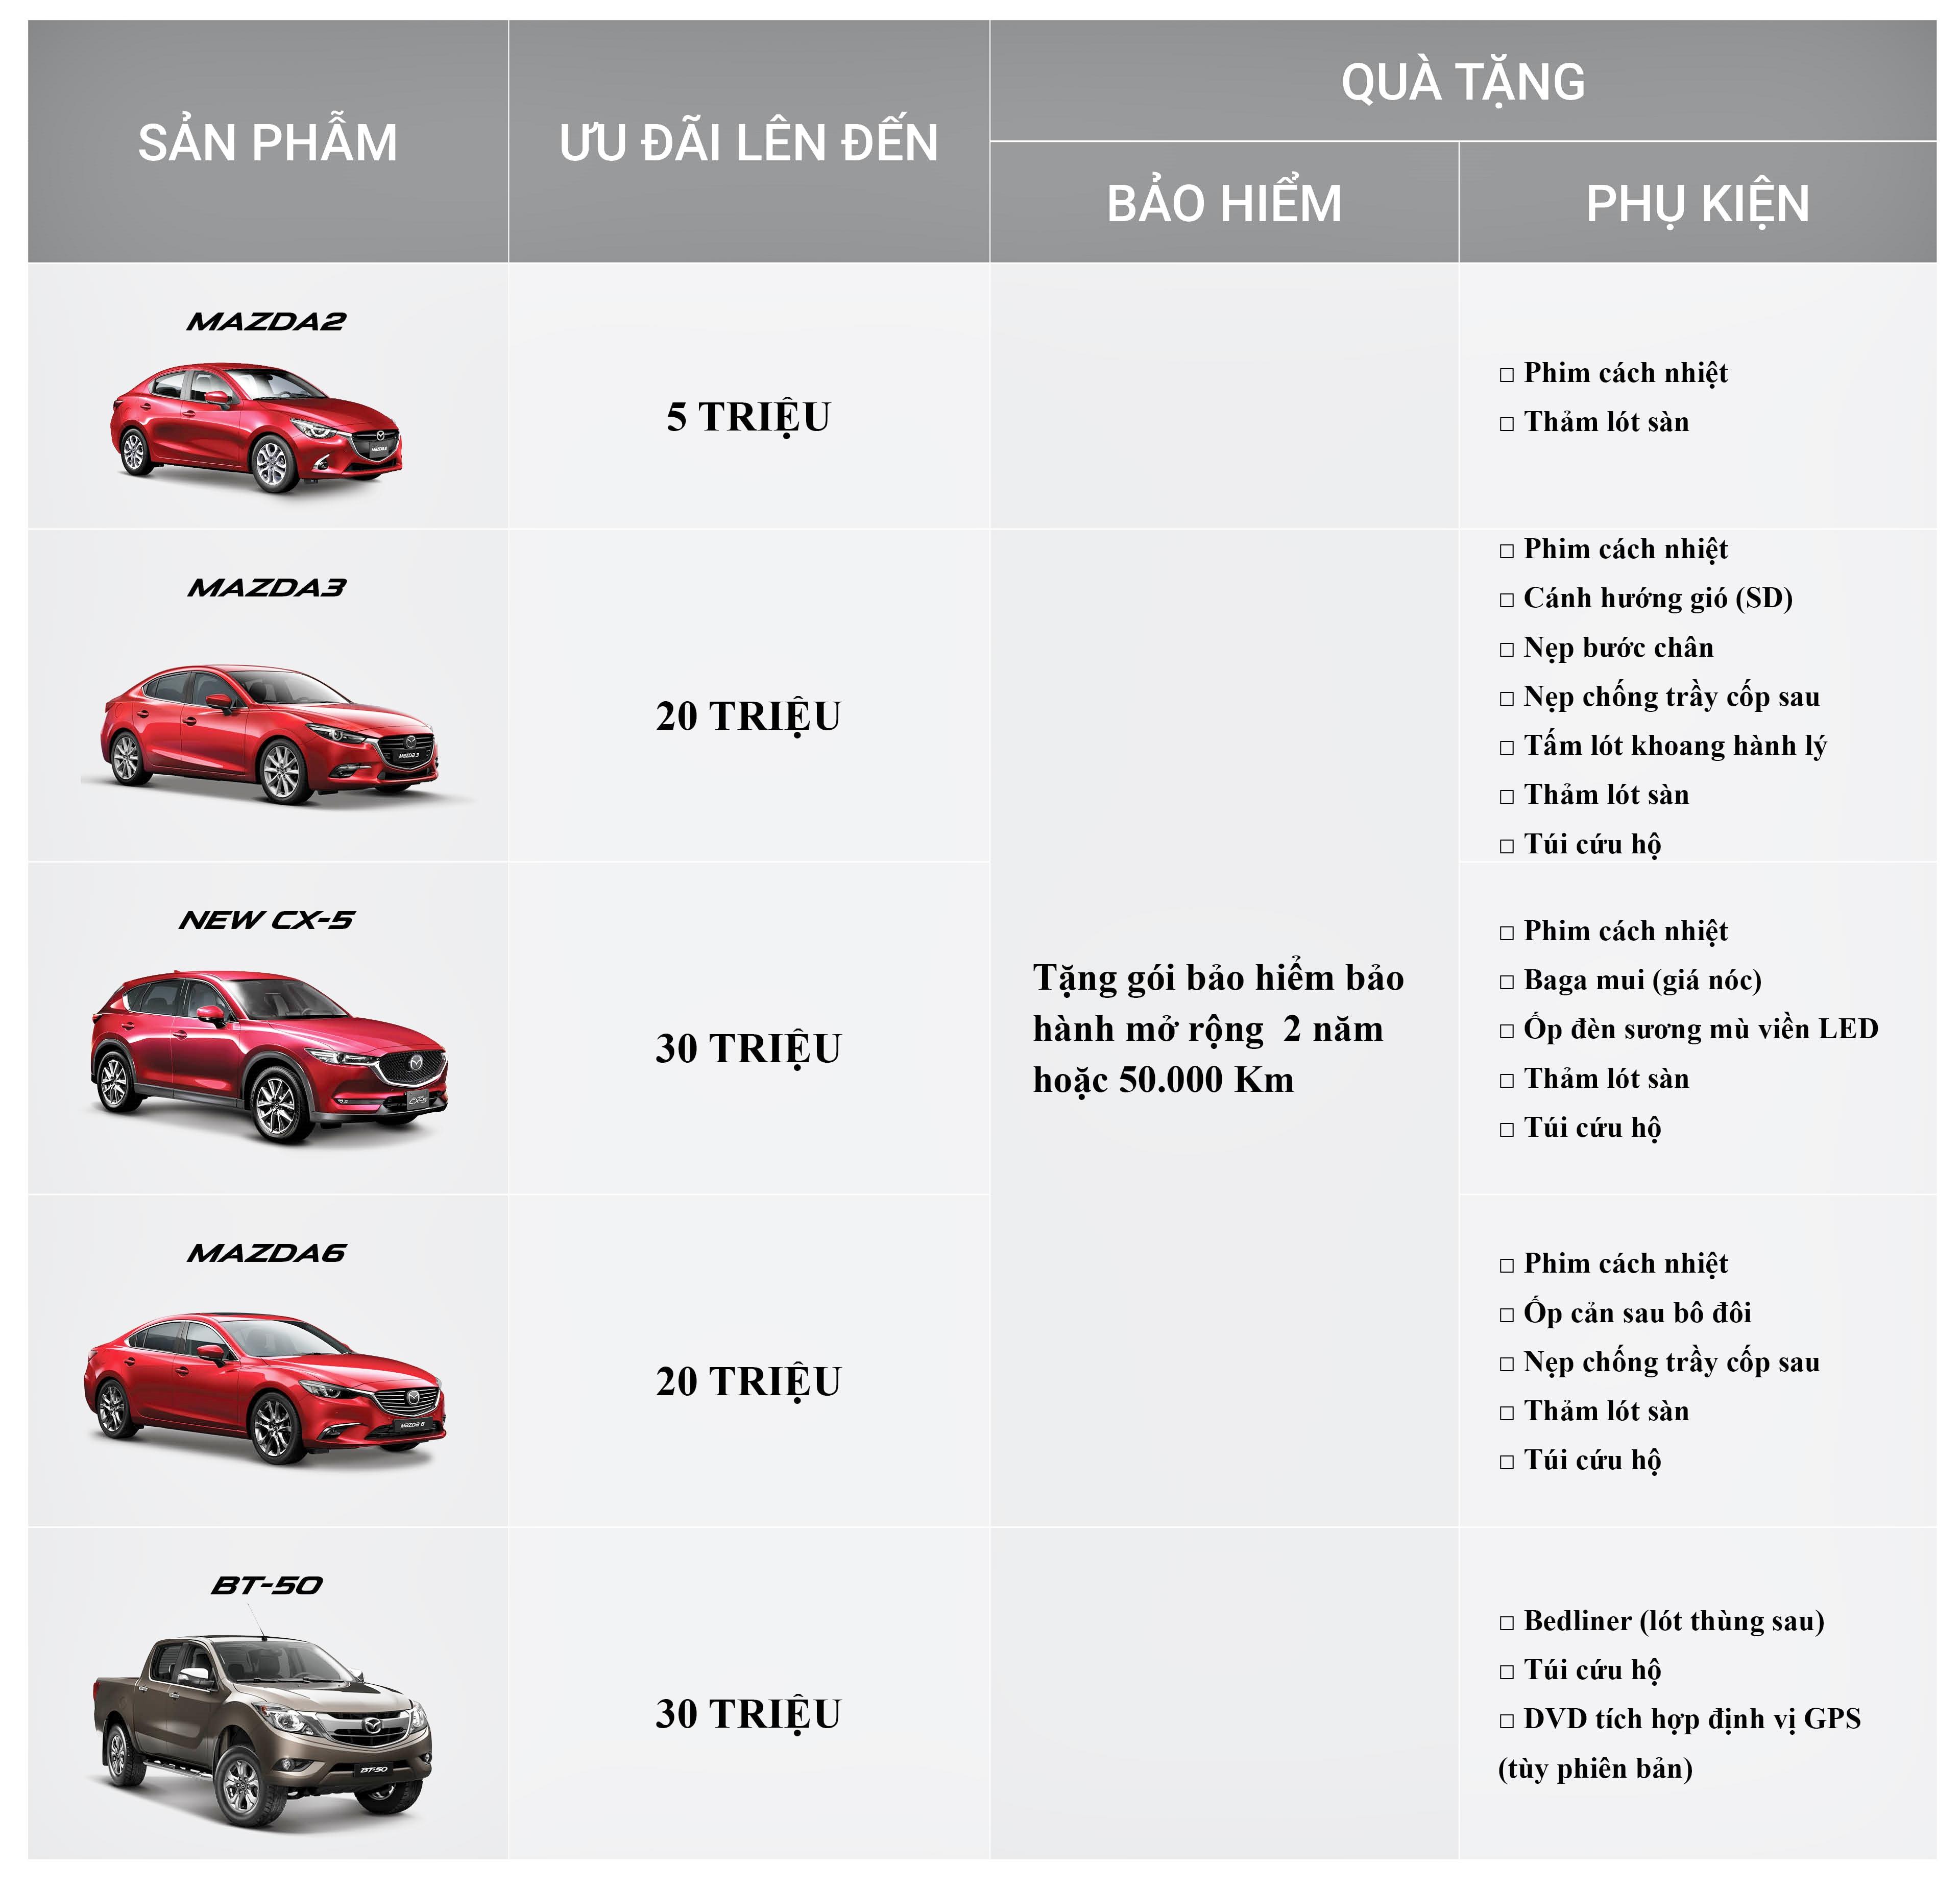 Cac-hang-o-to-khuyen-mai-cuoi-nam-2018-Mazda-anh-3